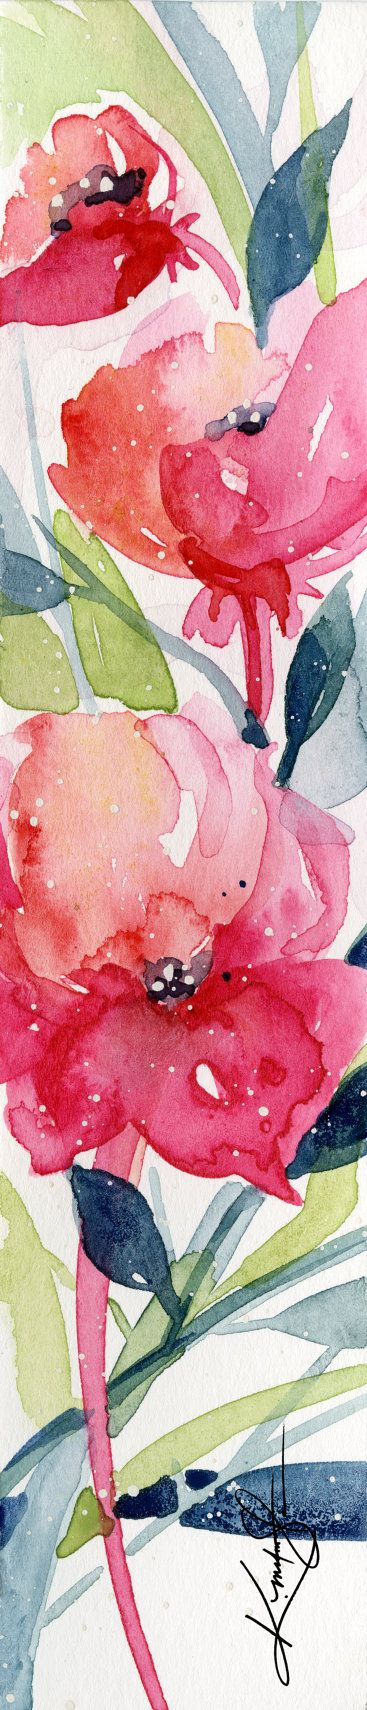 """Astratto pittura acquerello fiore, rosa, rosso, papavero, papaveri, piccola piccola arte """"Itsy Bitsy Blossoms 6"""" di Kathy Morton Stanion EBSQ"""